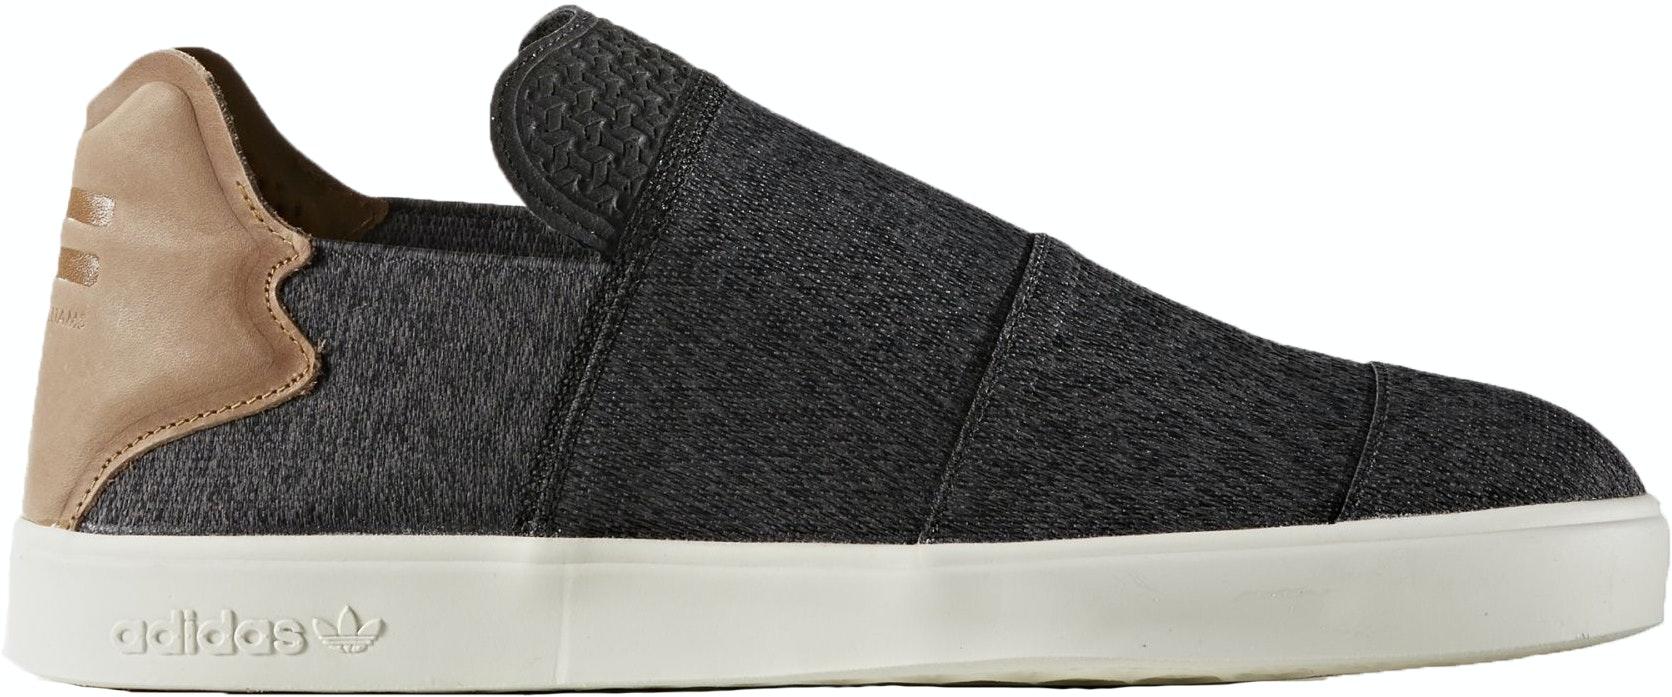 adidas Elastic Slip On Pharrell Core Black